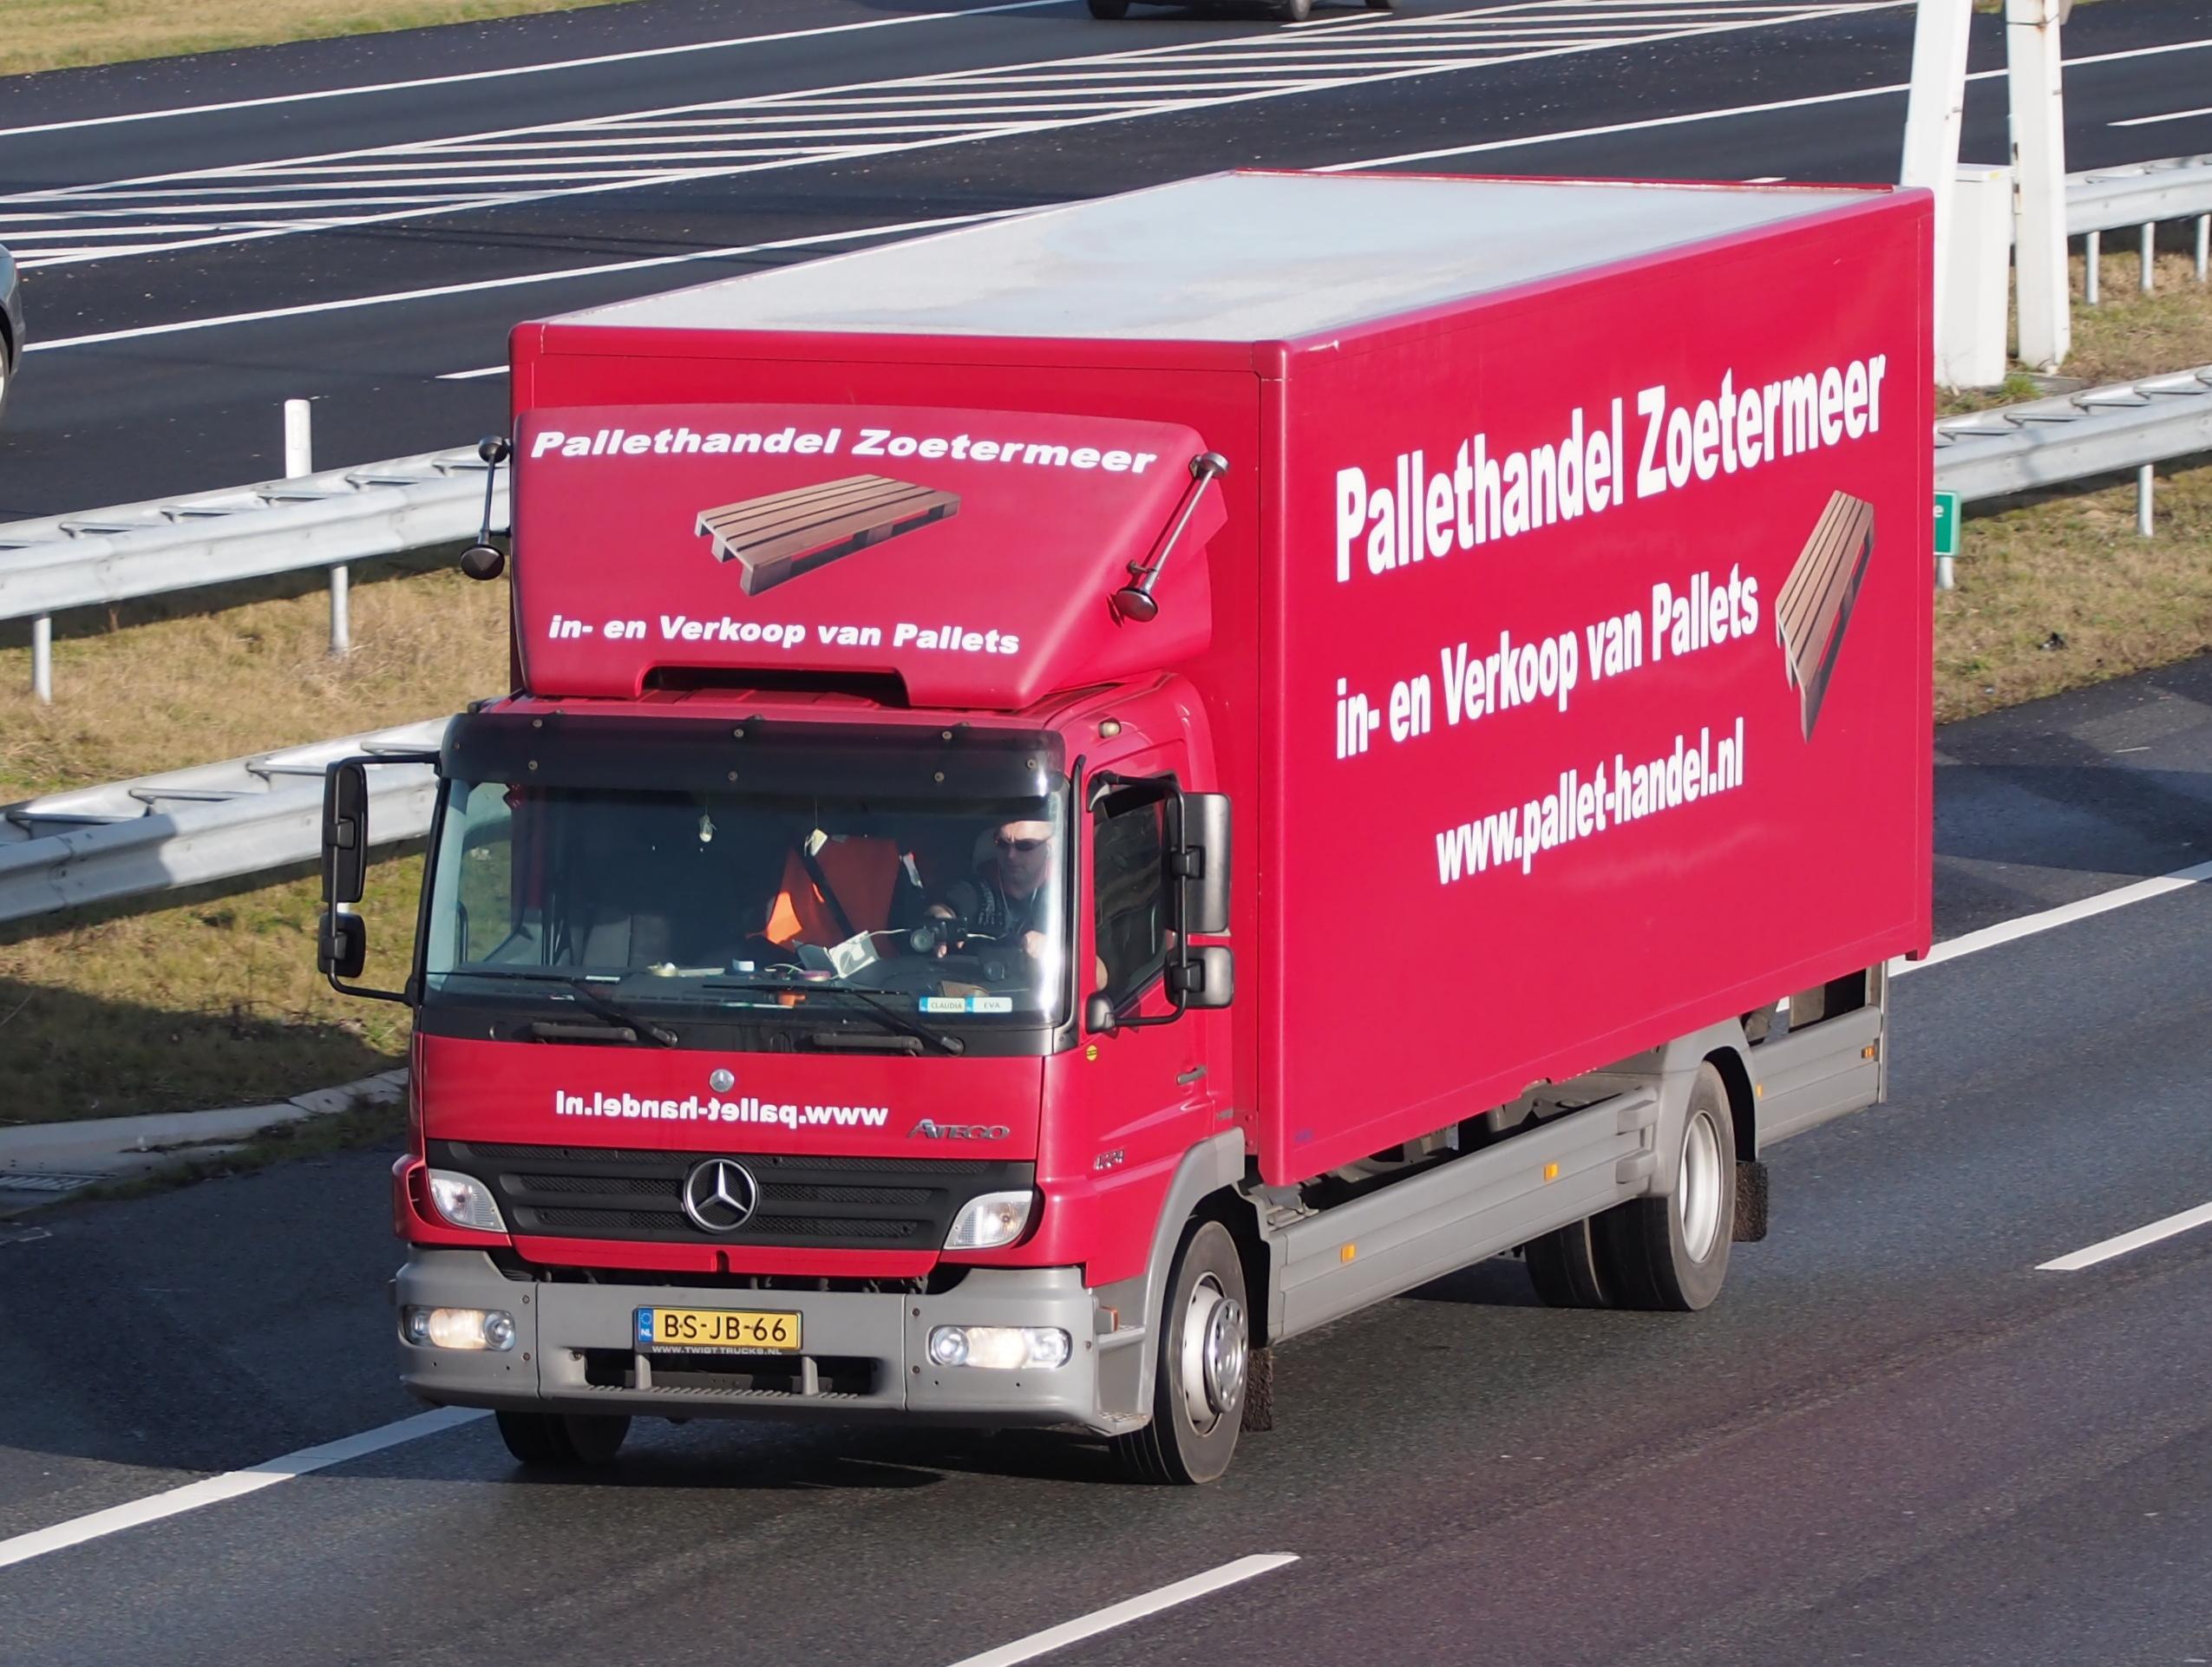 File:Mercedes Atego, Pallethandel Zoetermeer.jpg